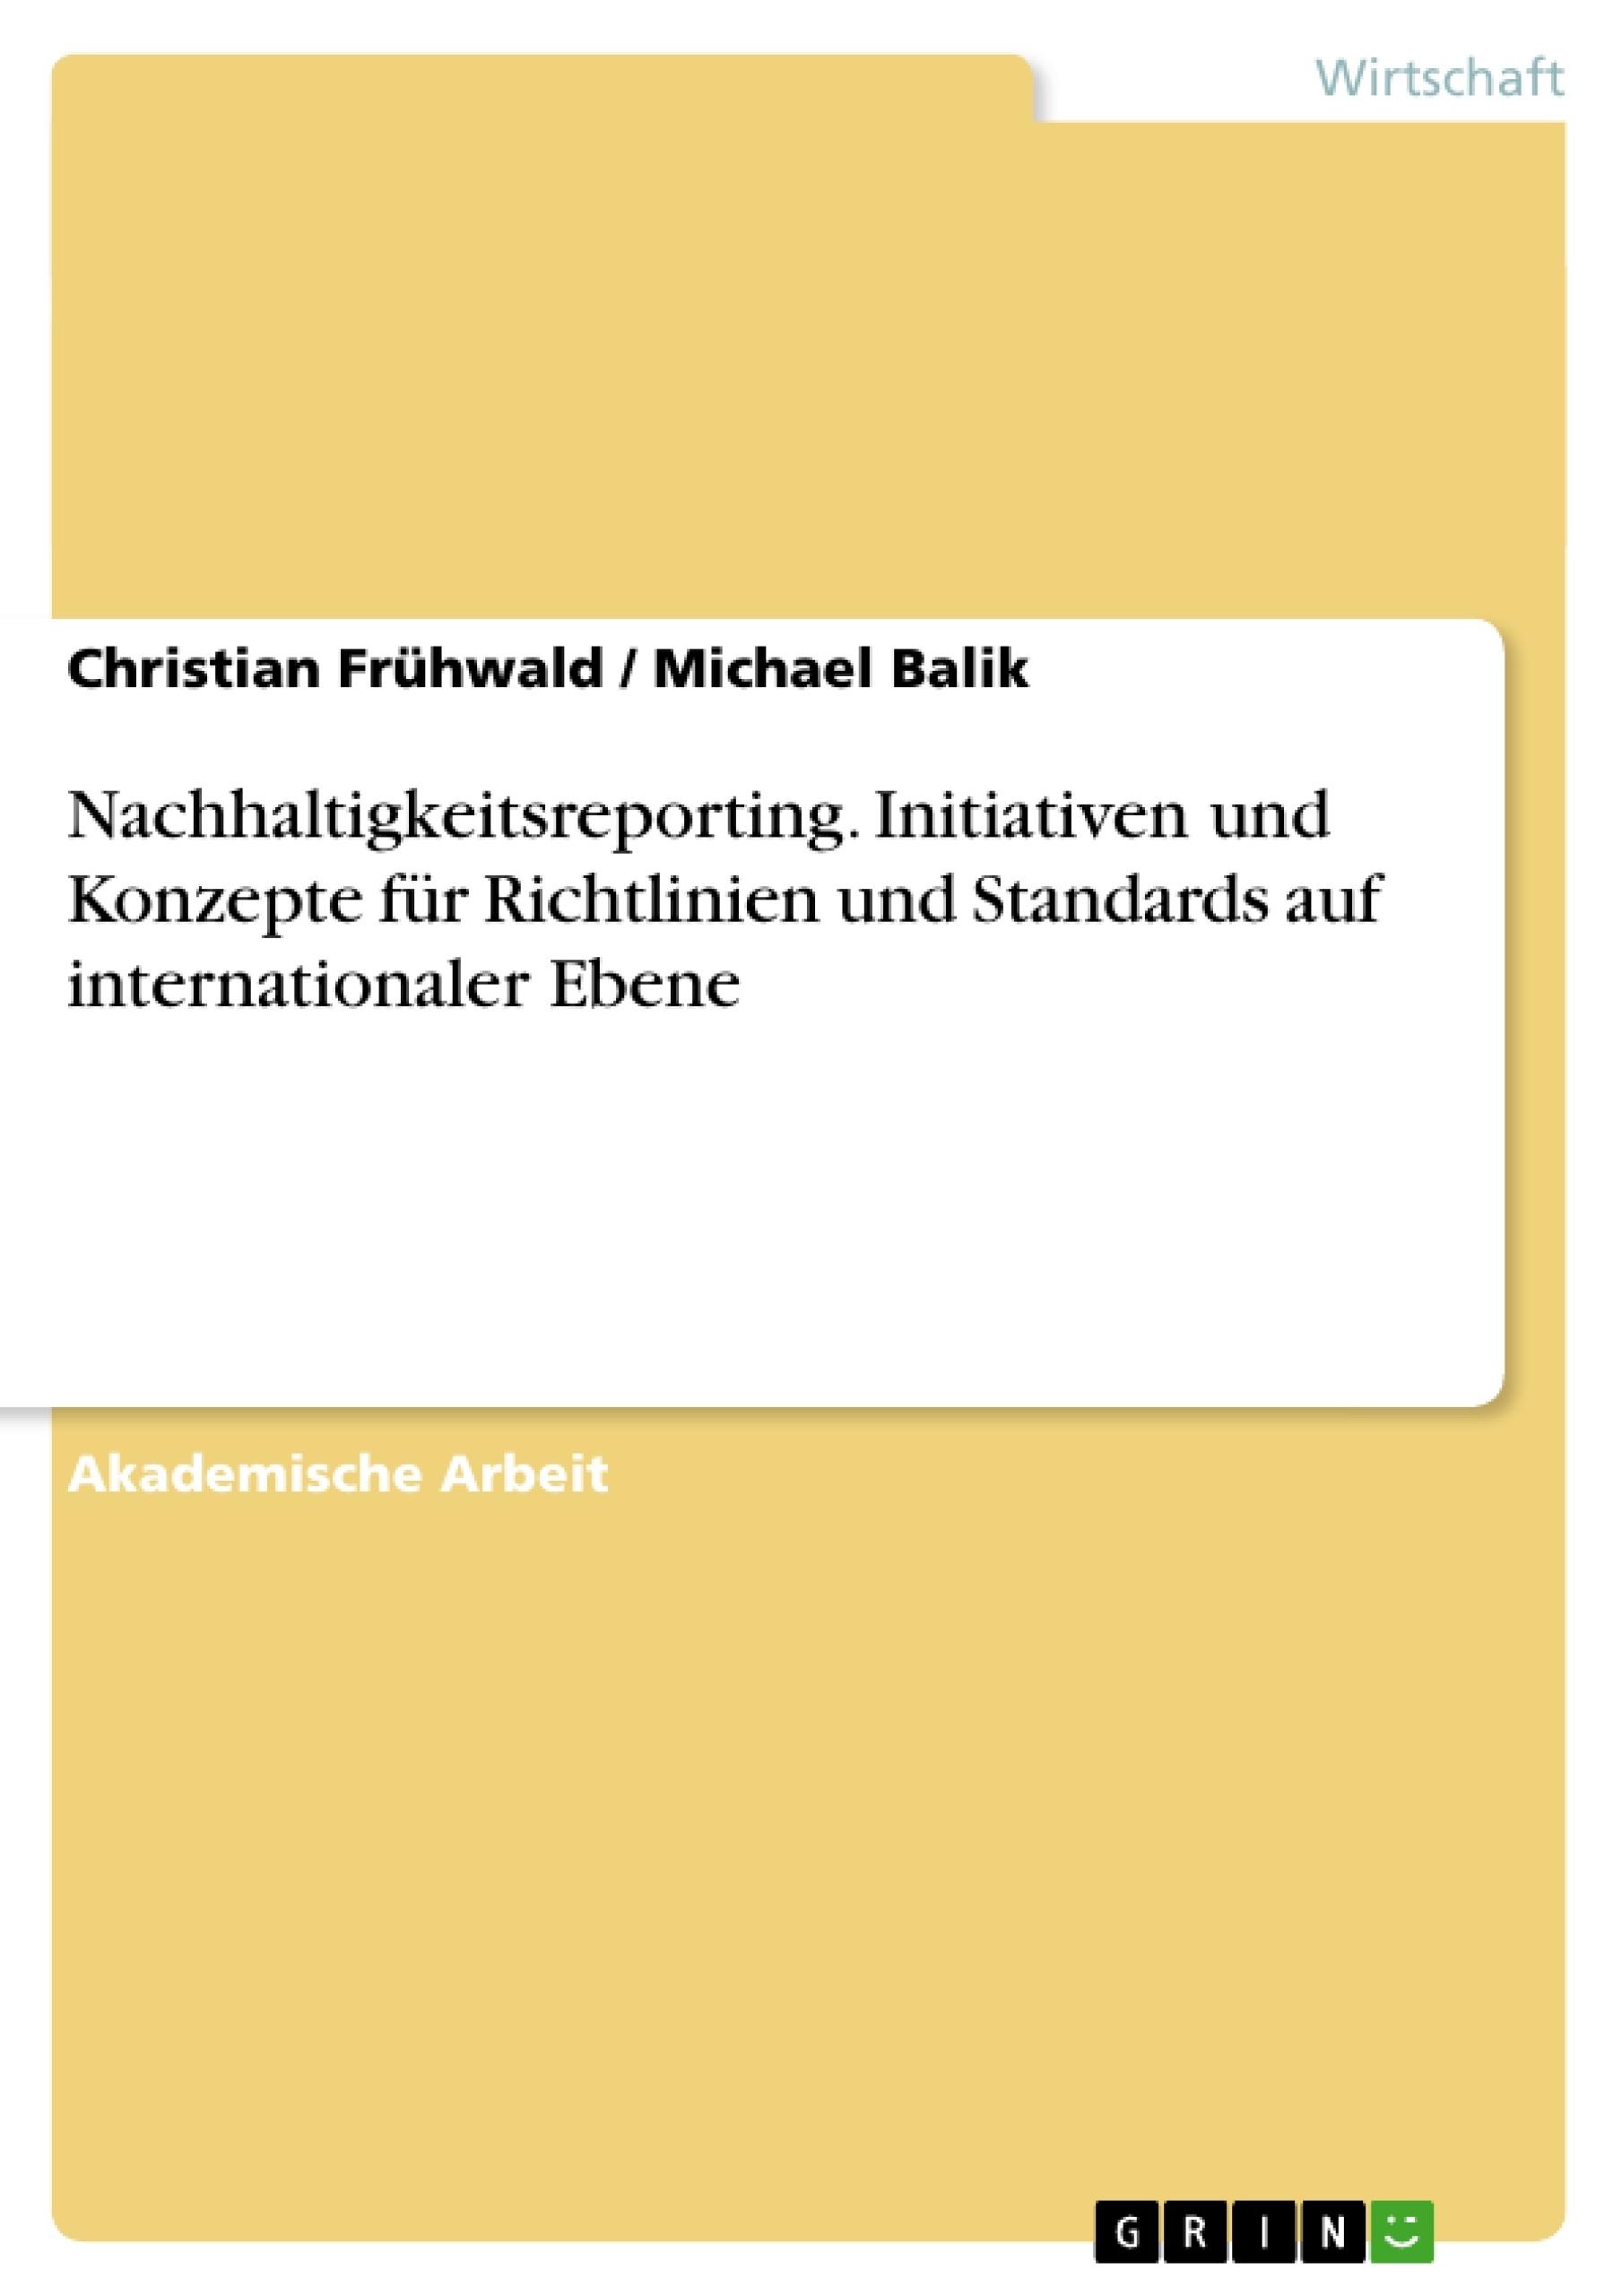 Titel: Nachhaltigkeitsreporting. Initiativen und Konzepte für Richtlinien und Standards auf internationaler Ebene